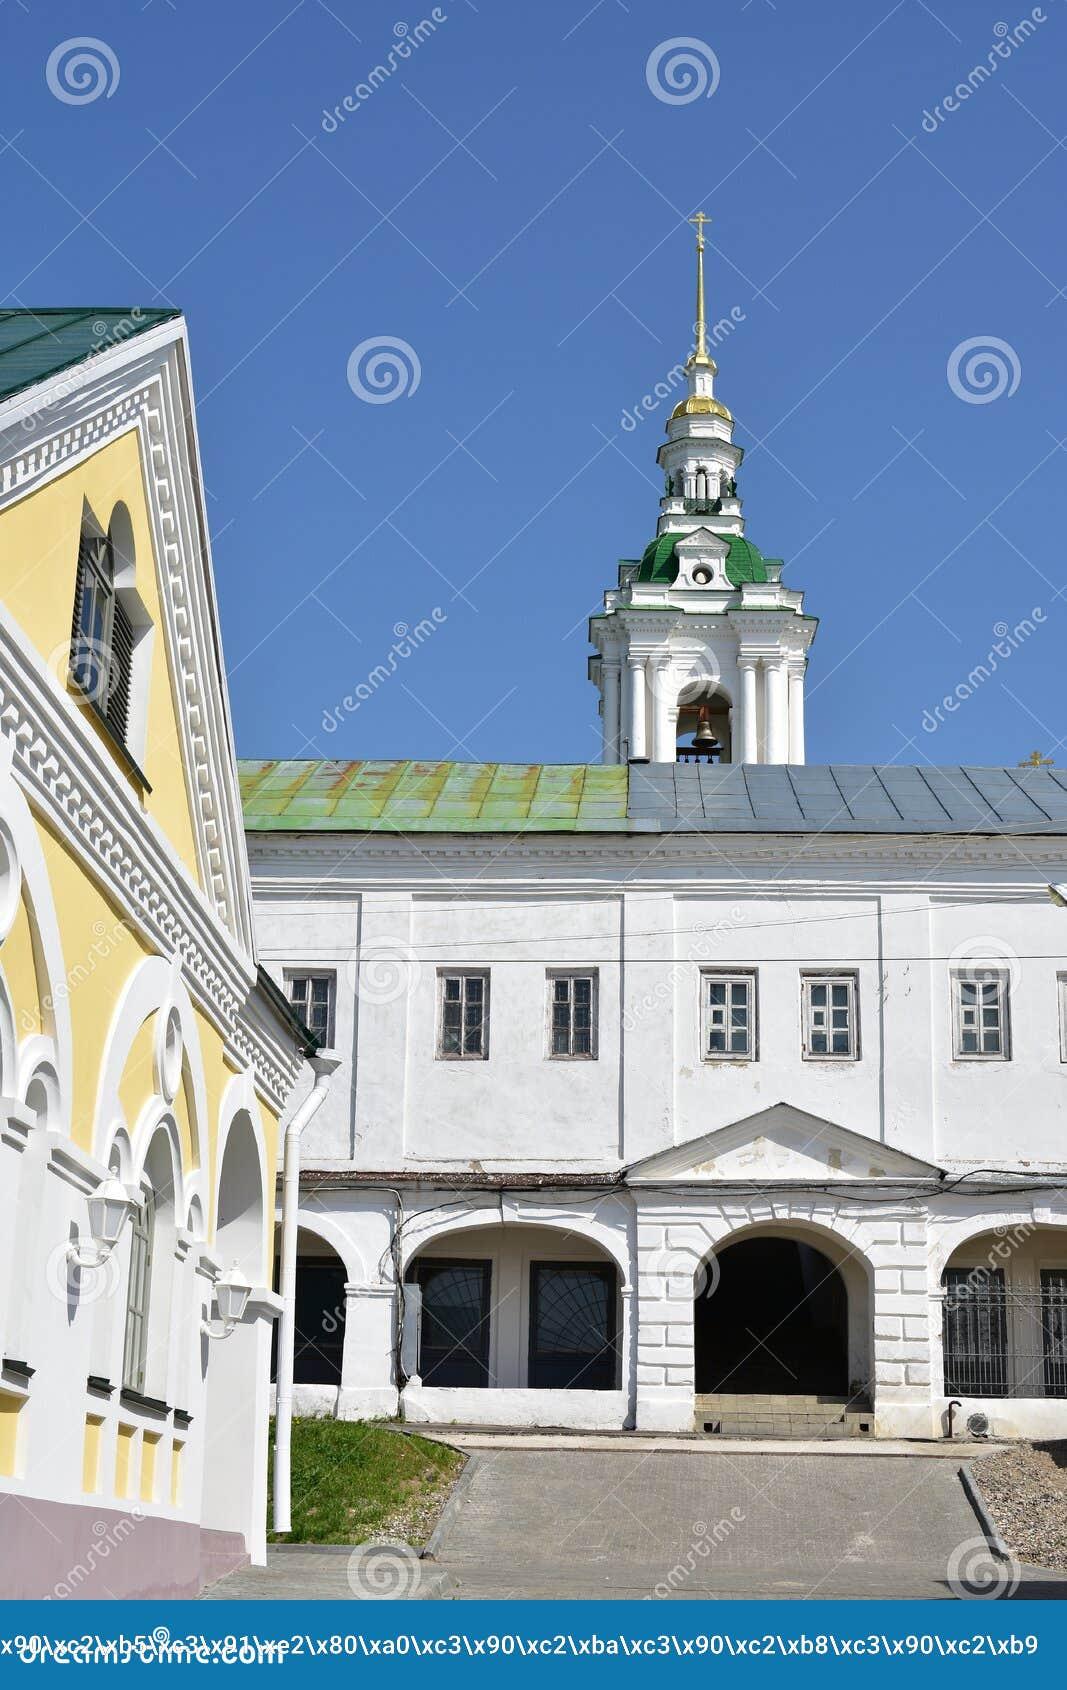 Kostroma en 1766, ils ont érigé une église en pierre